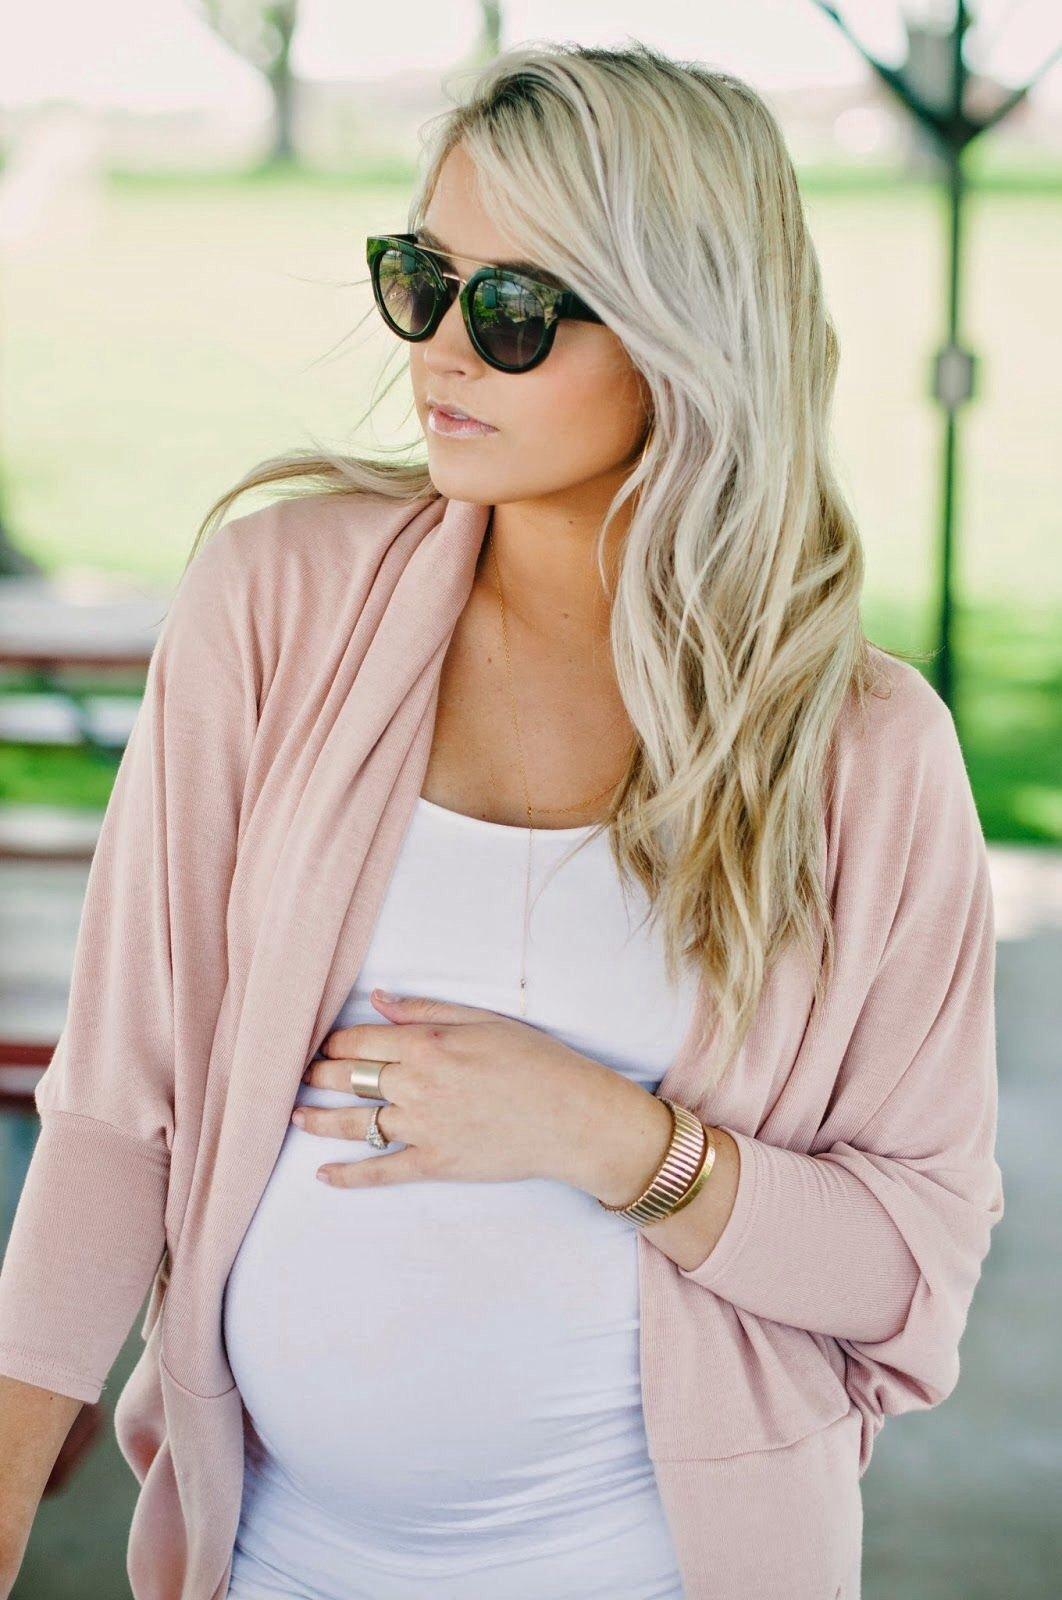 d9d69ce2dc Így öltözködj csinosan a babás hónapok alatt és után is, egyetlen ...